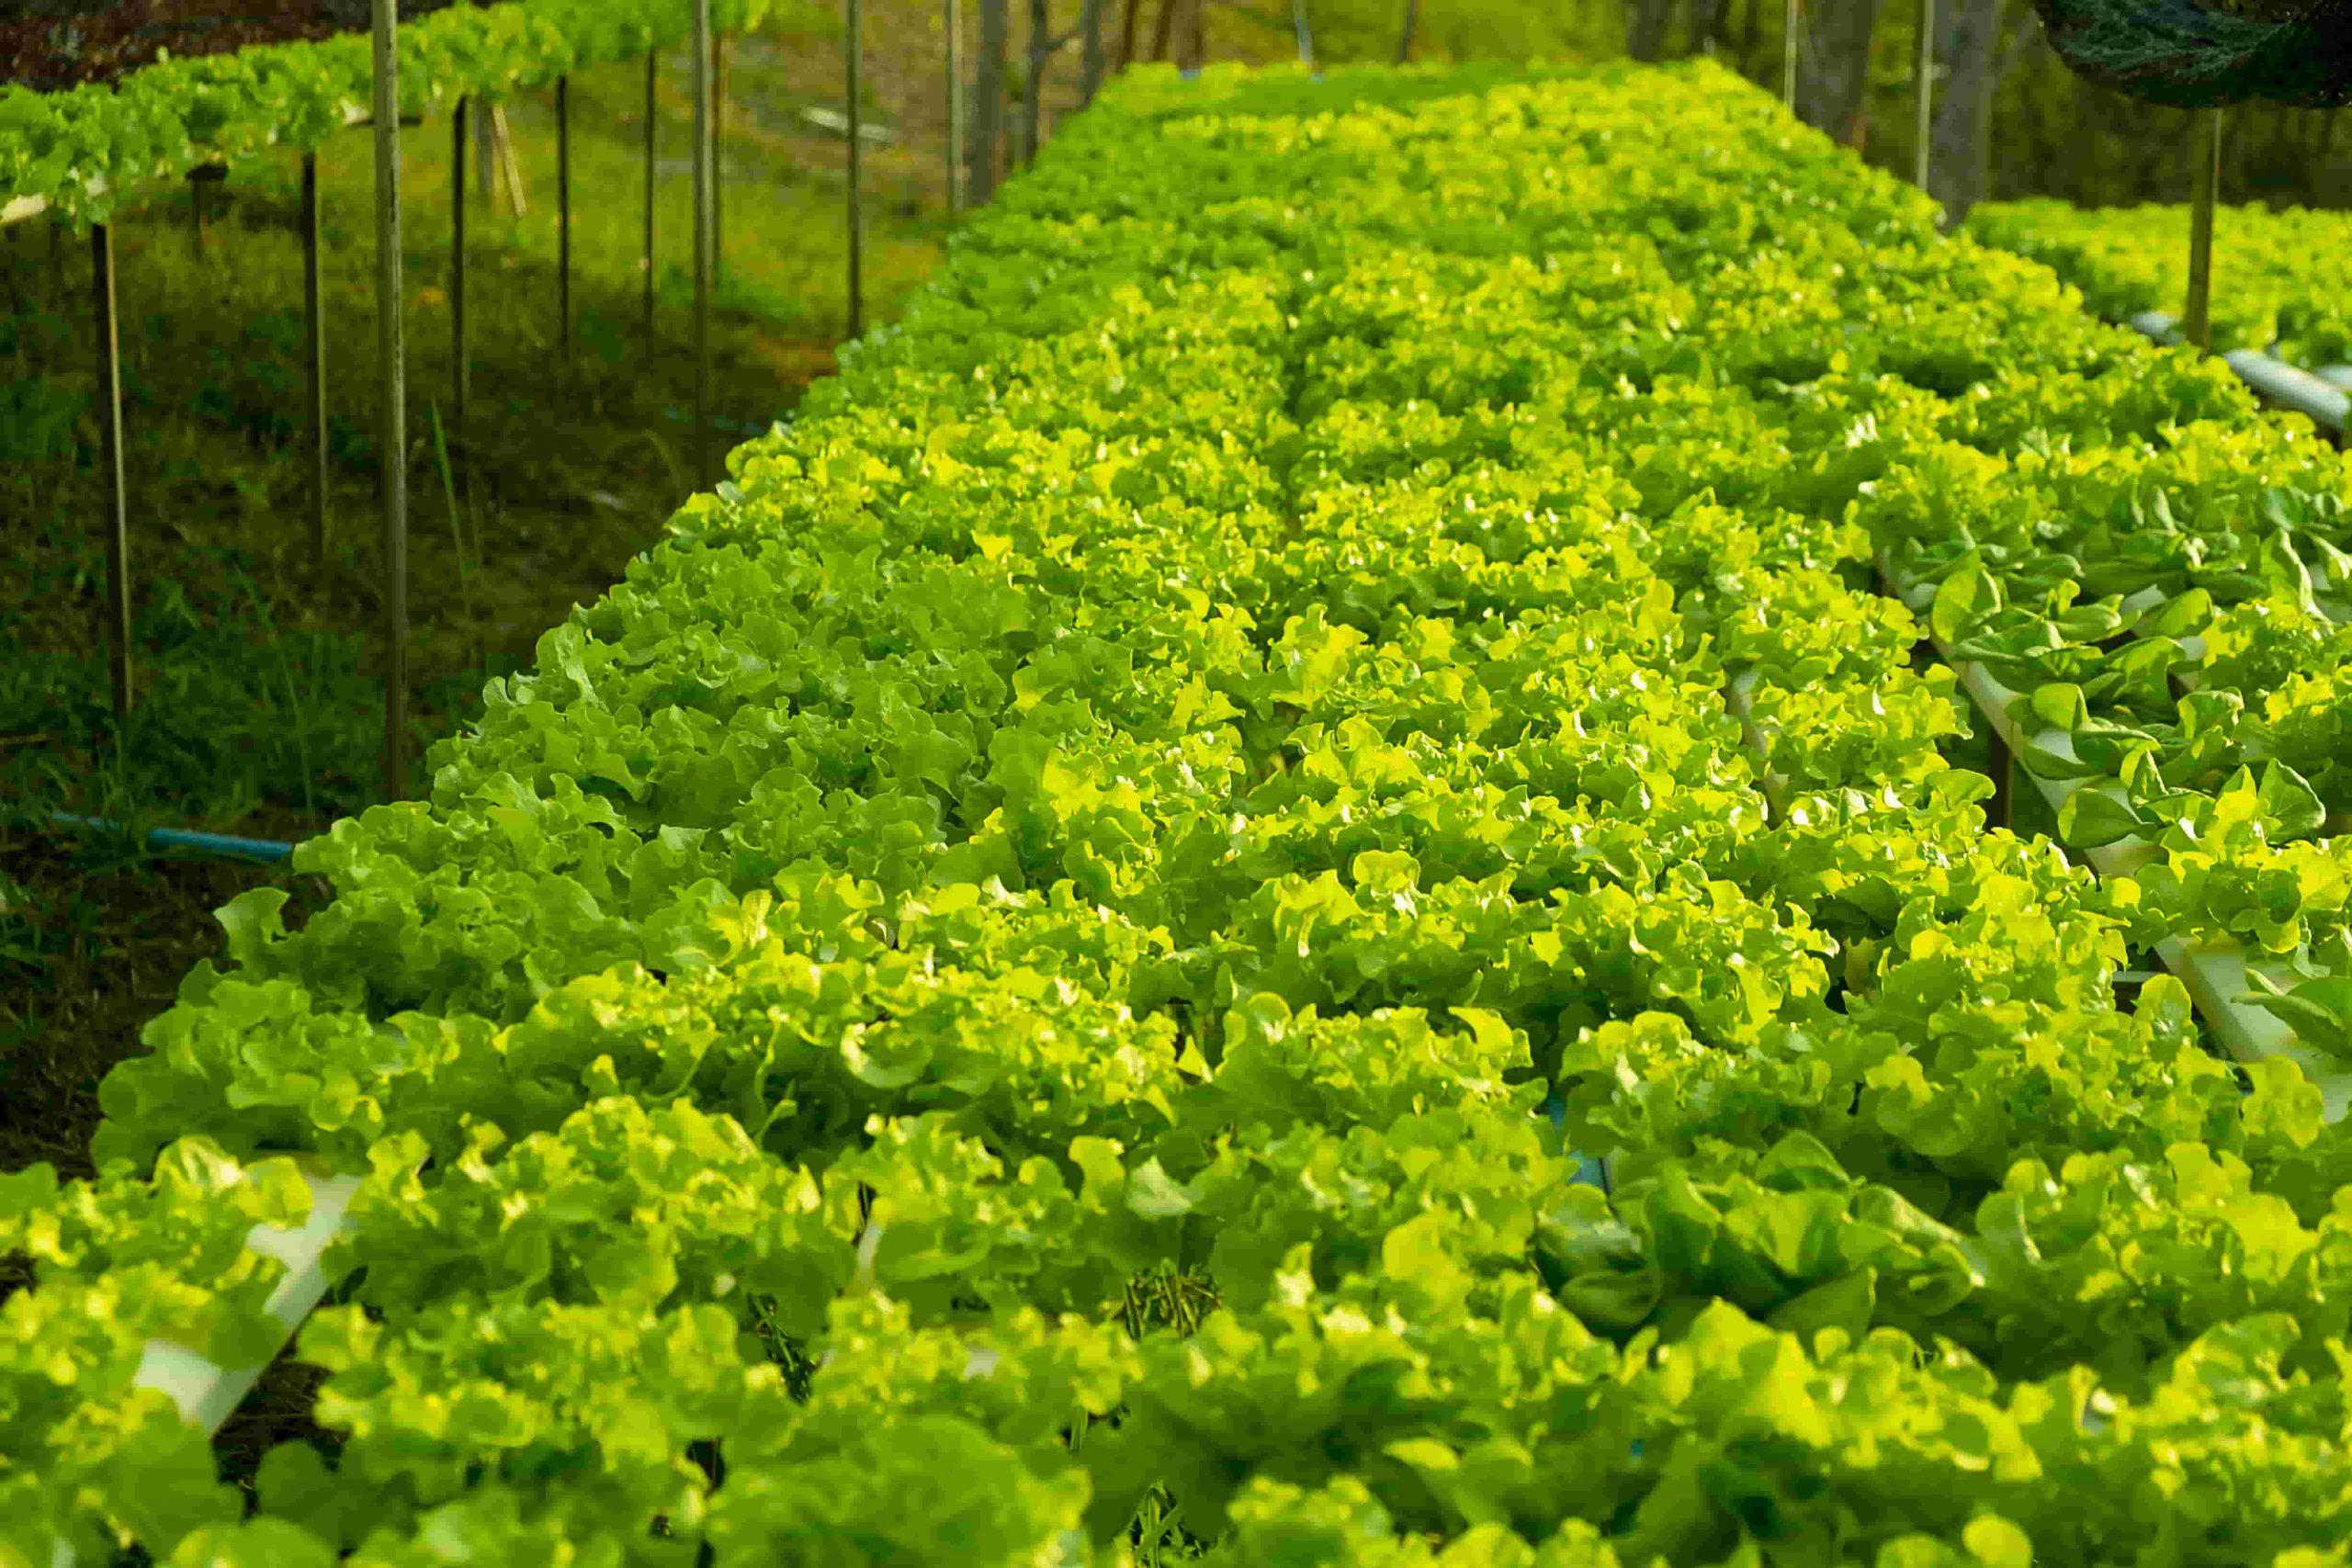 استفاده از کود مونو پتاسیم فسفات جهت بهبود رشد گیاهان